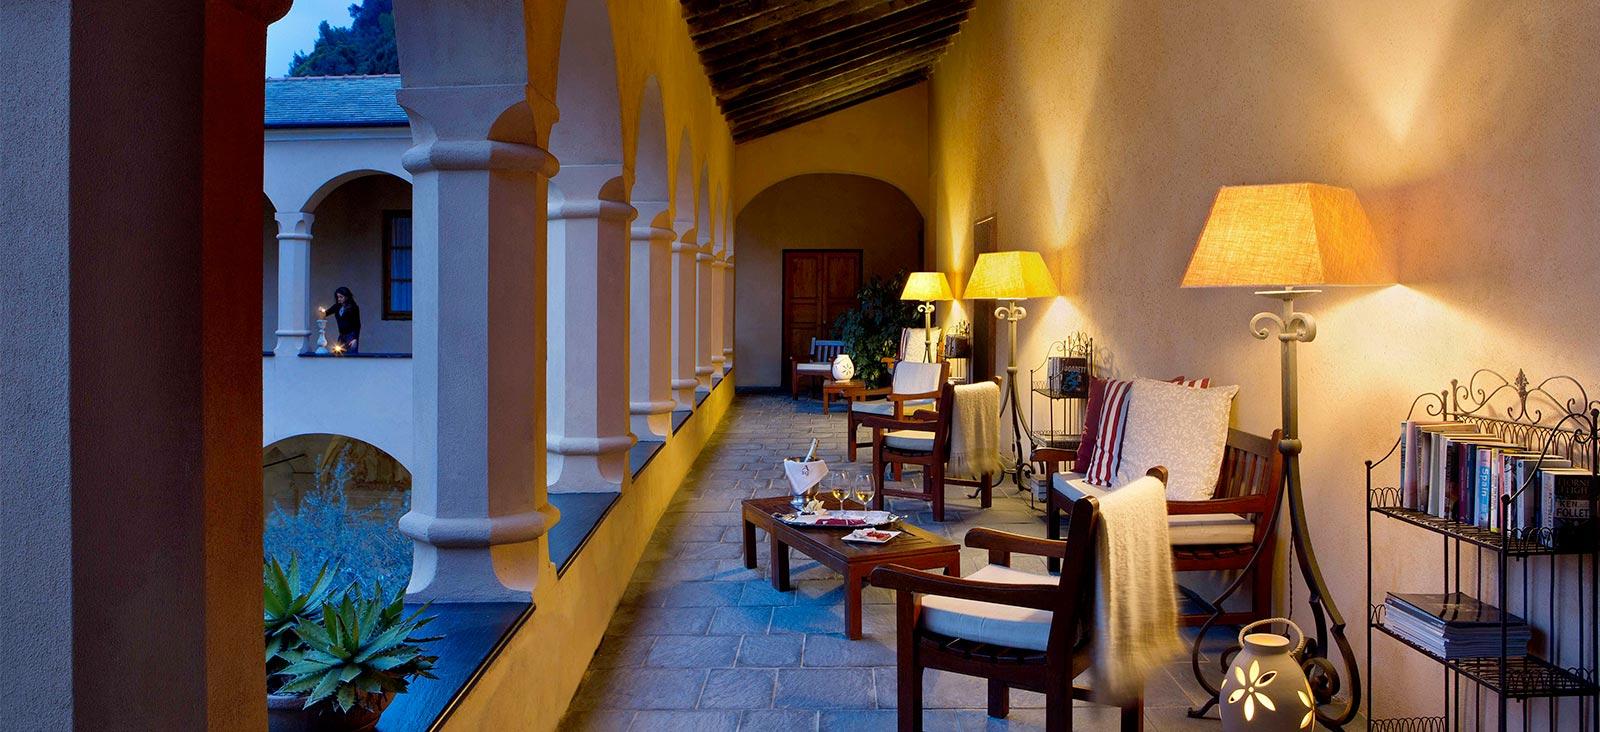 Hotel Moneglia cinque terre